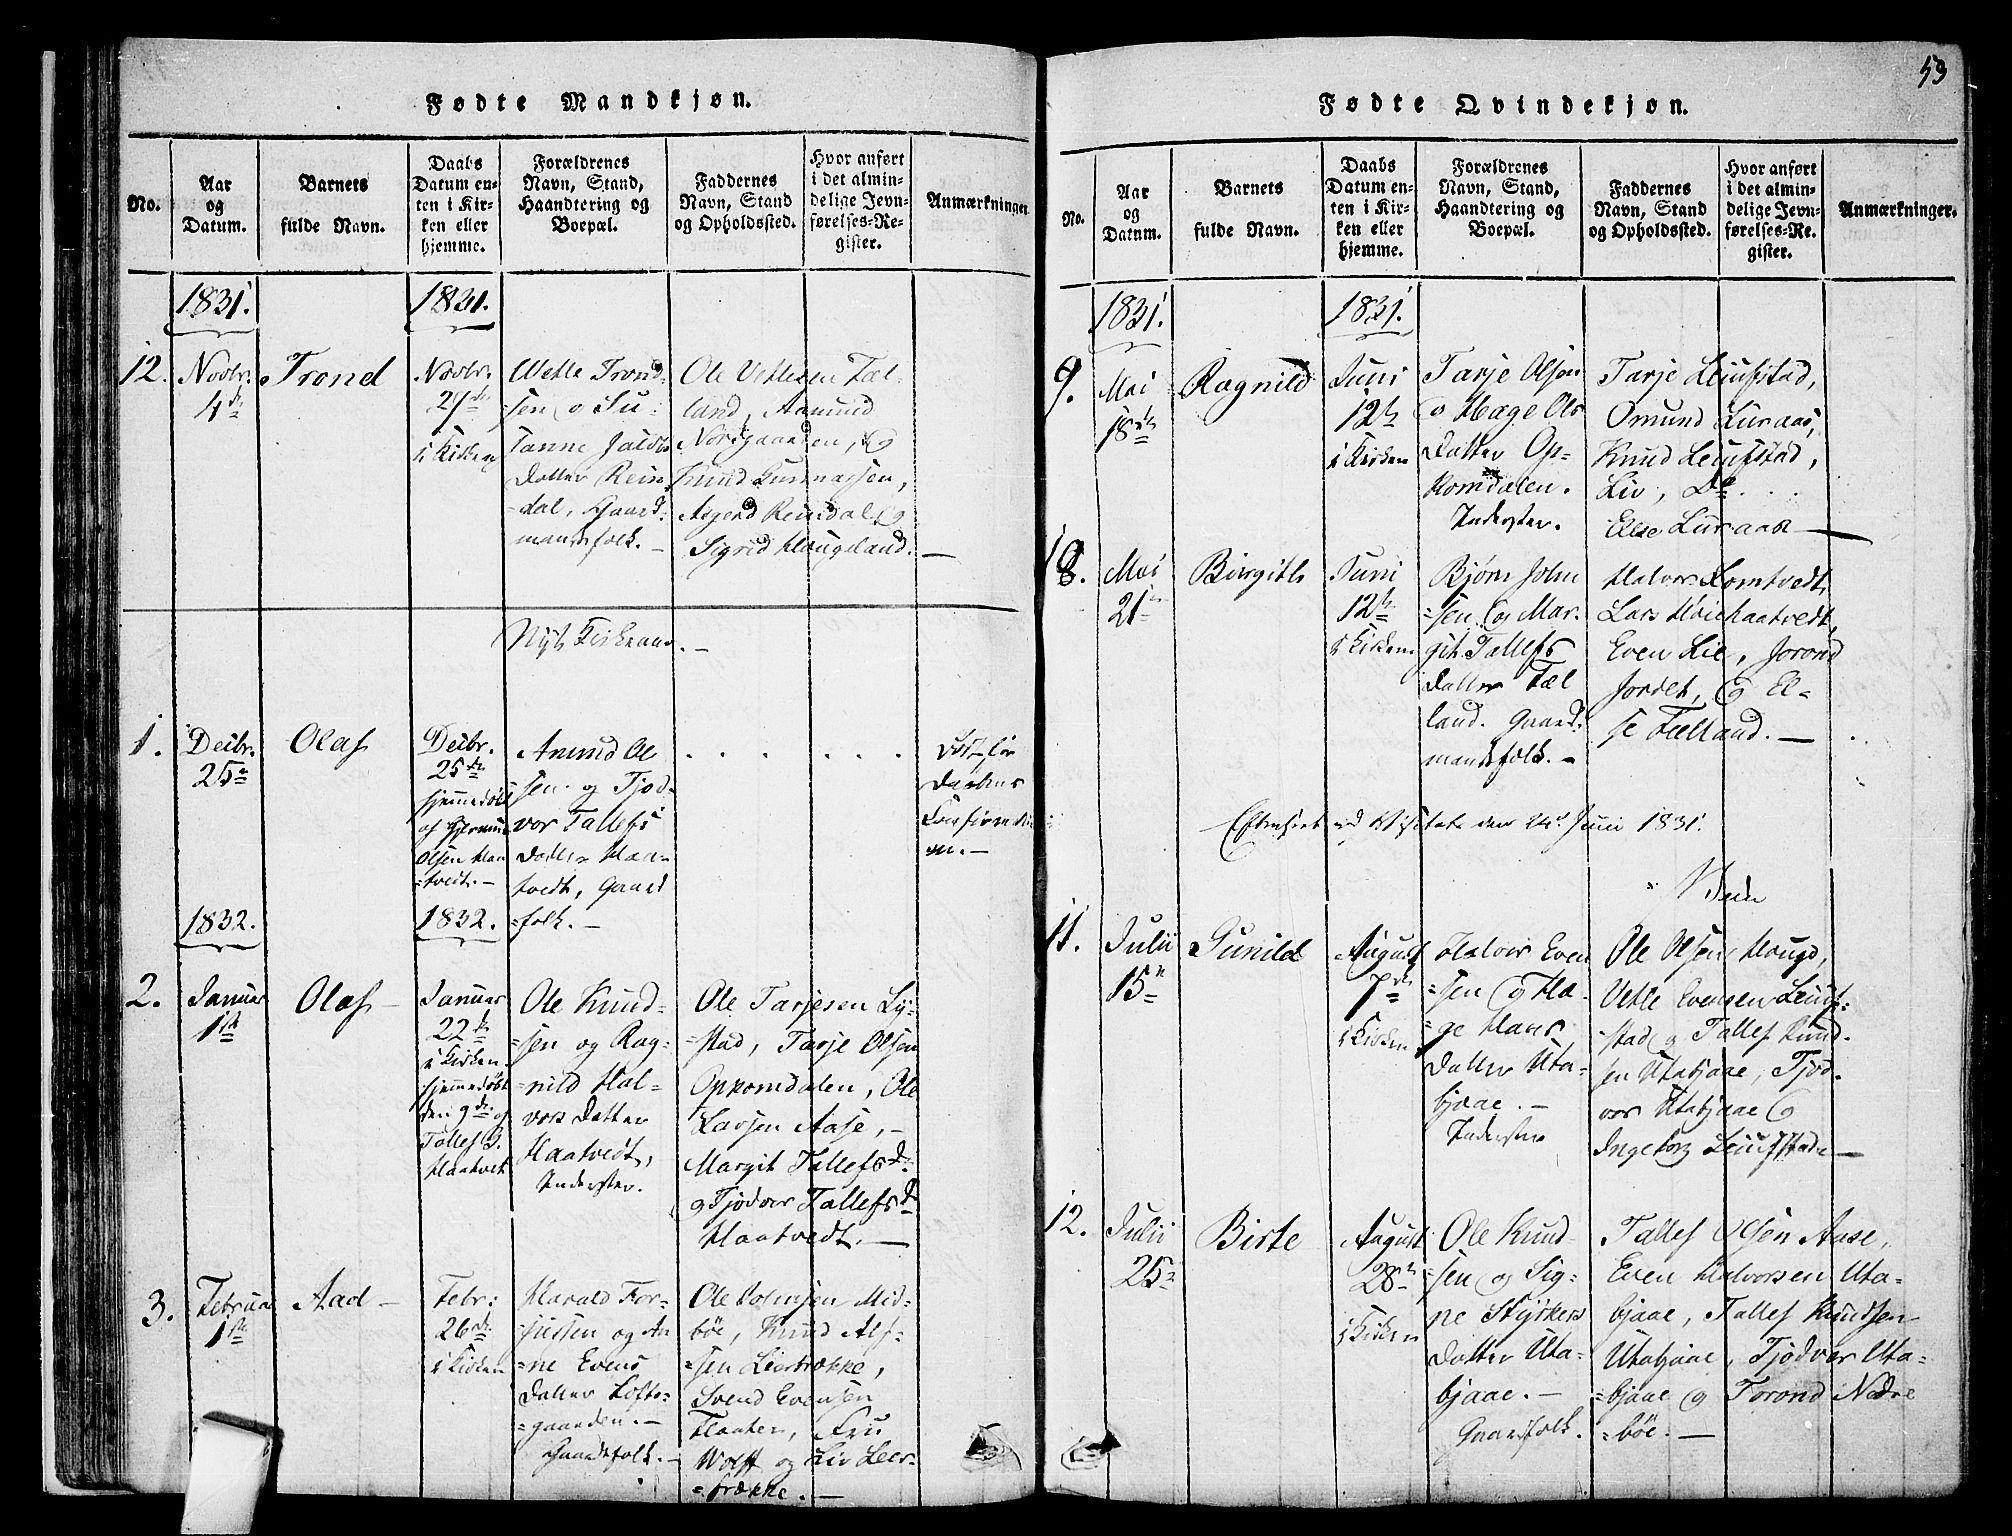 SAKO, Mo kirkebøker, F/Fa/L0004: Ministerialbok nr. I 4, 1814-1844, s. 53